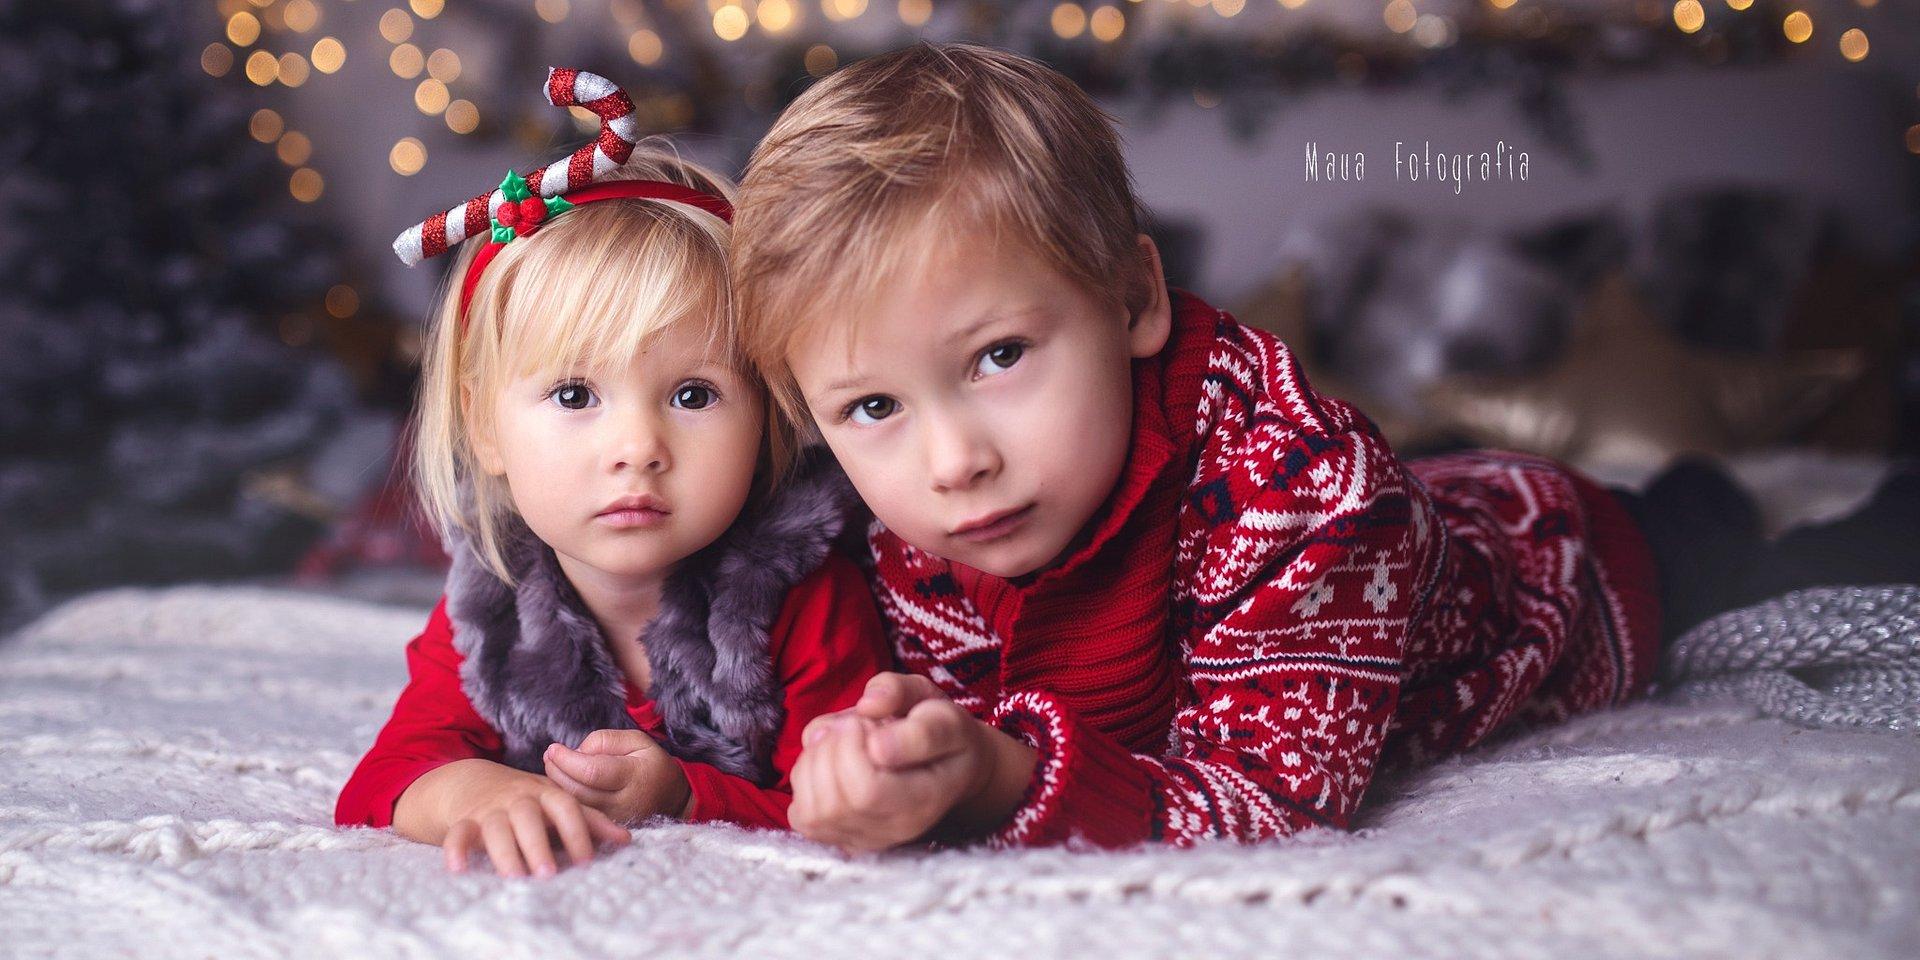 Świąteczna fotografia rodzinna w obiektywie Sigma 35 mm f/1.4 ART według Maua Fotografia